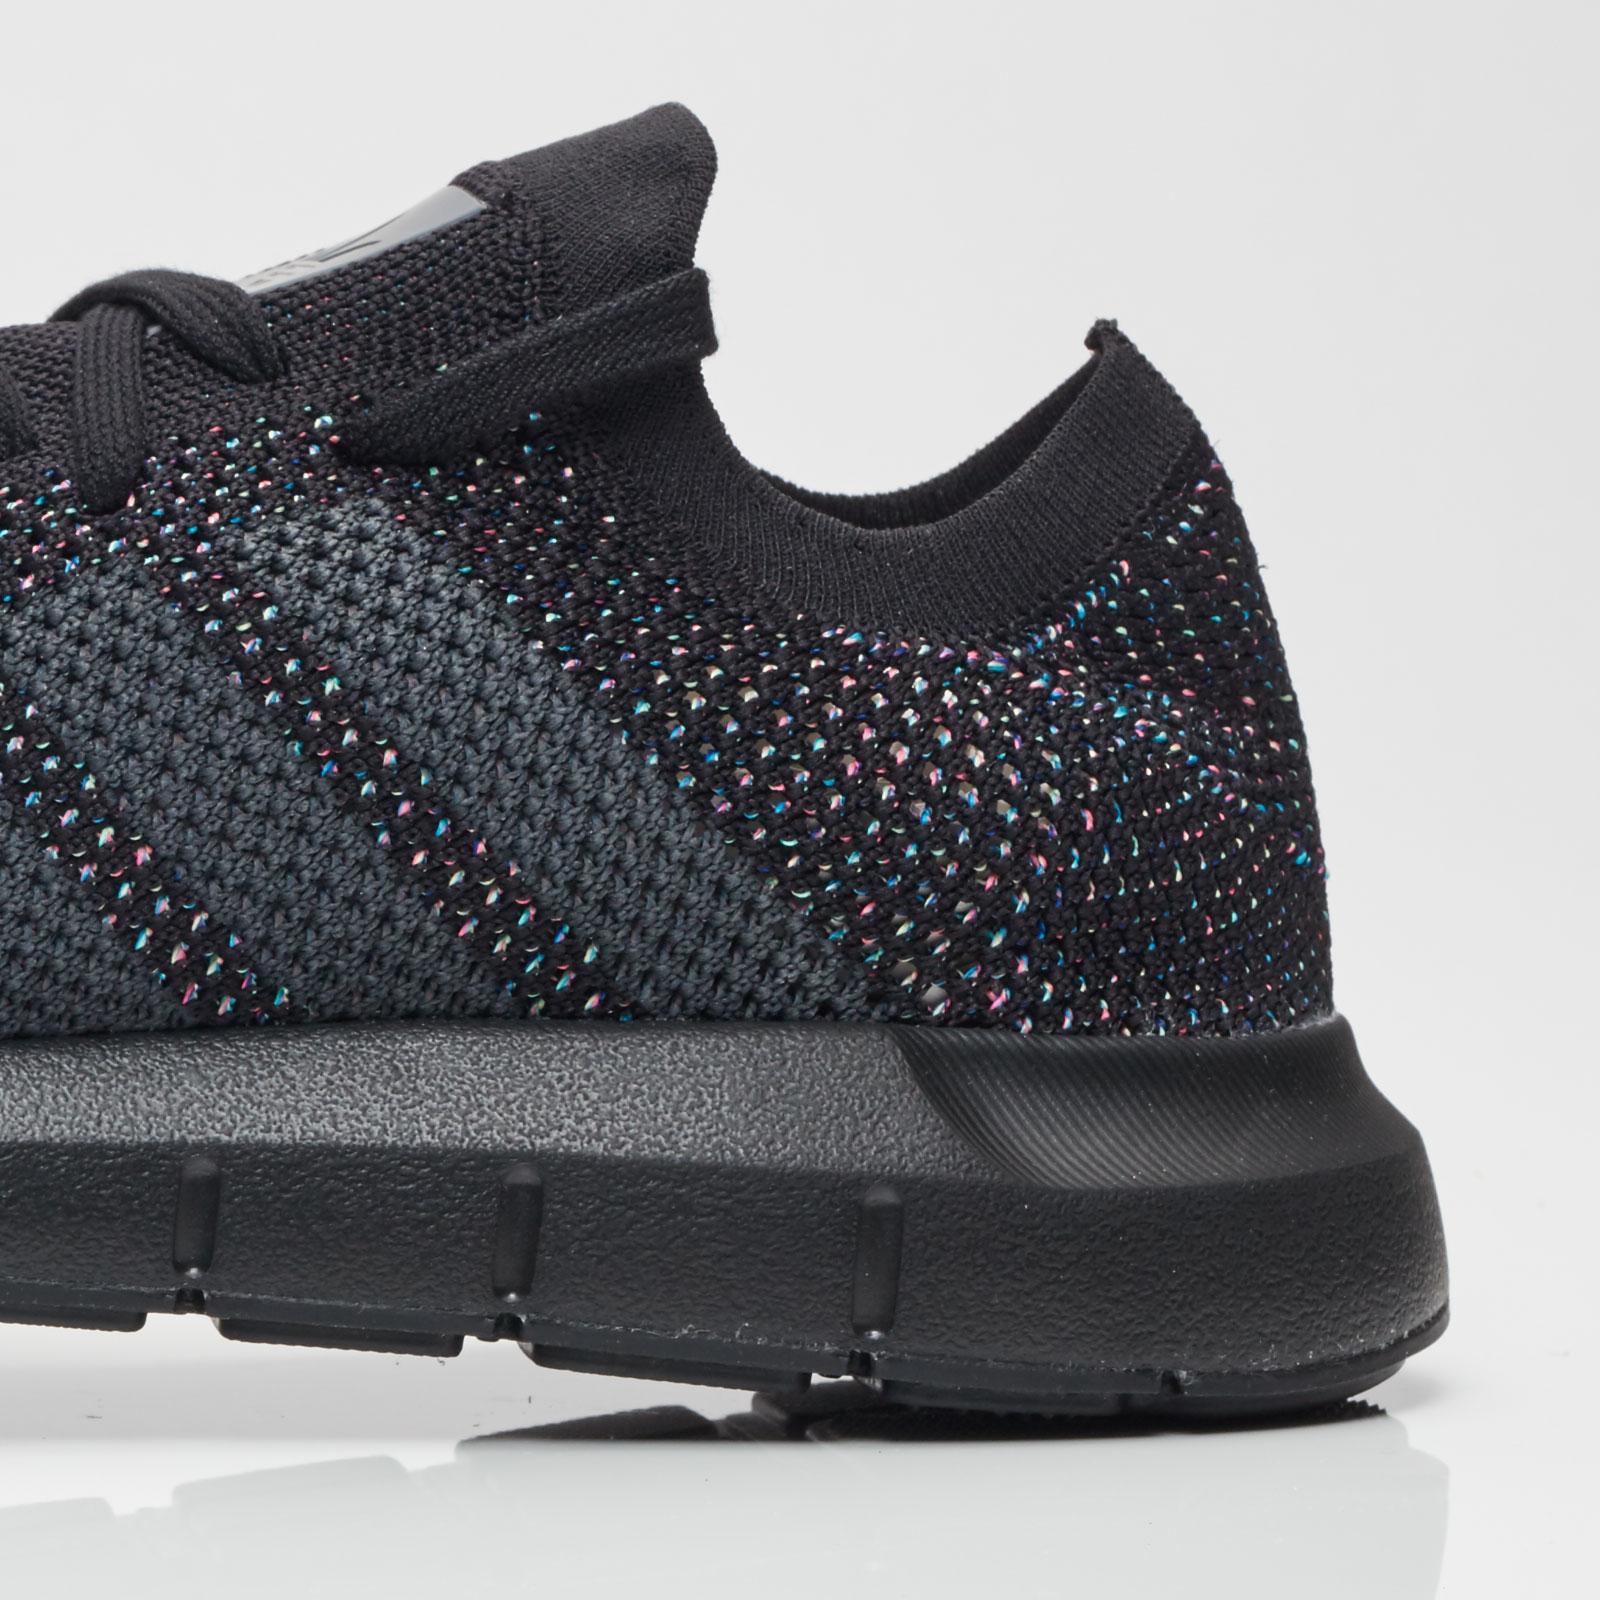 8a9419d789a41 adidas Swift Run PK - Cg4127 - Sneakersnstuff